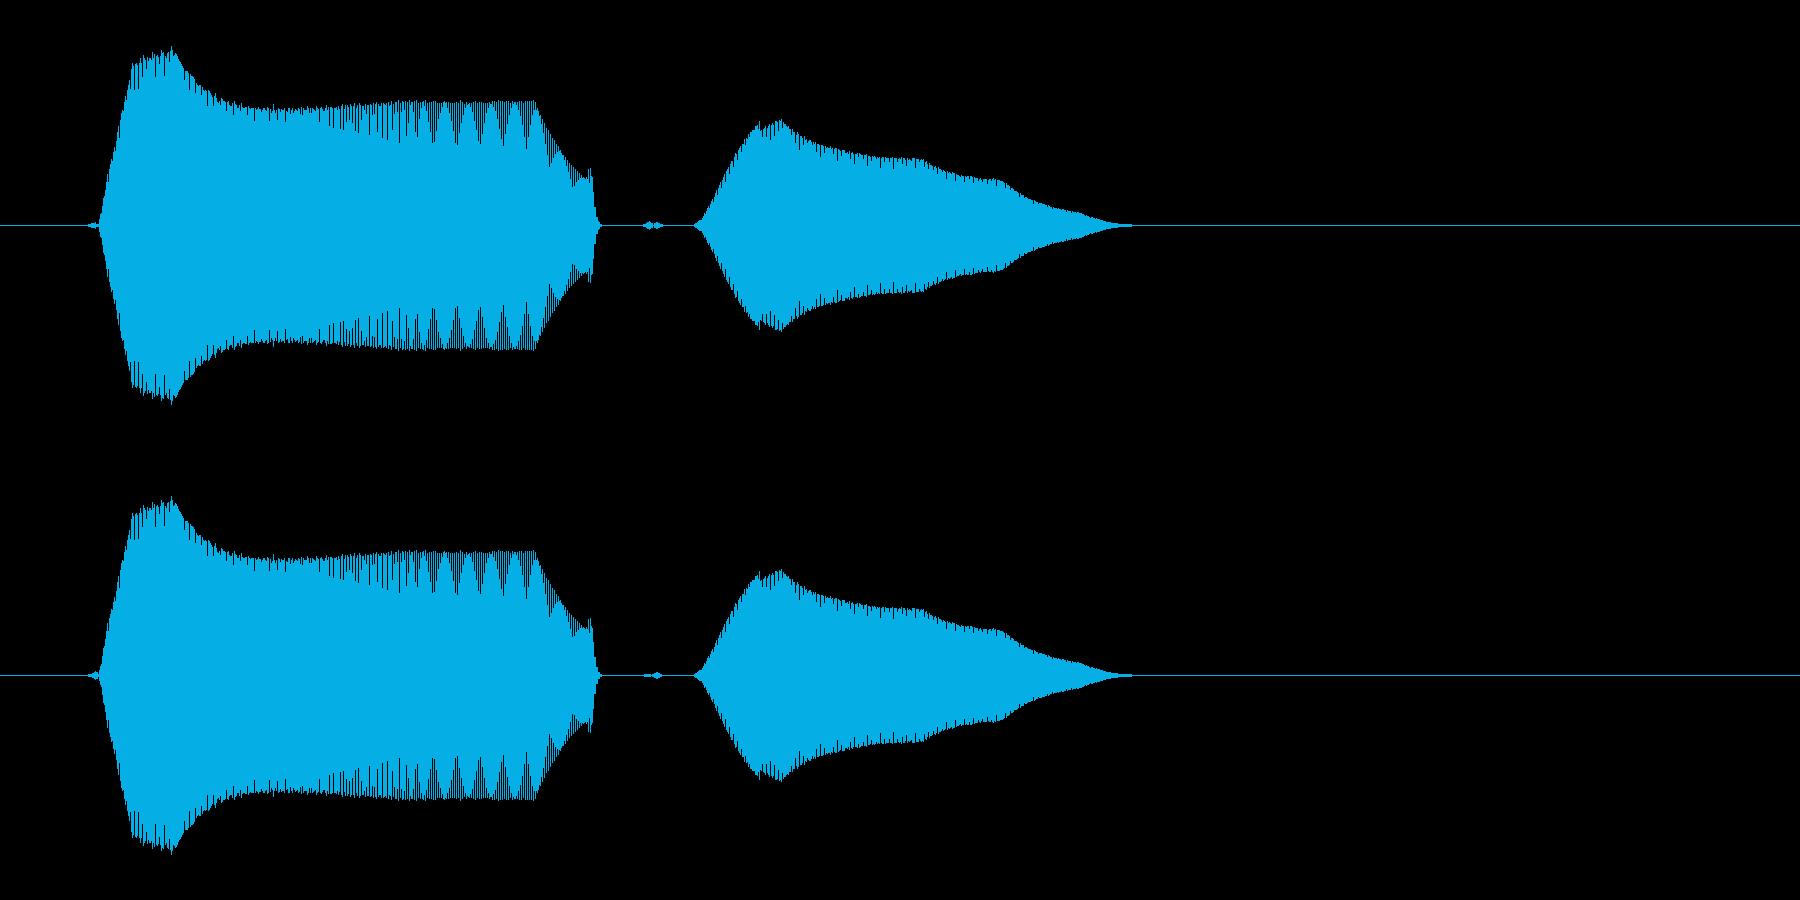 ピュッと鳴く鳥の効果音の再生済みの波形